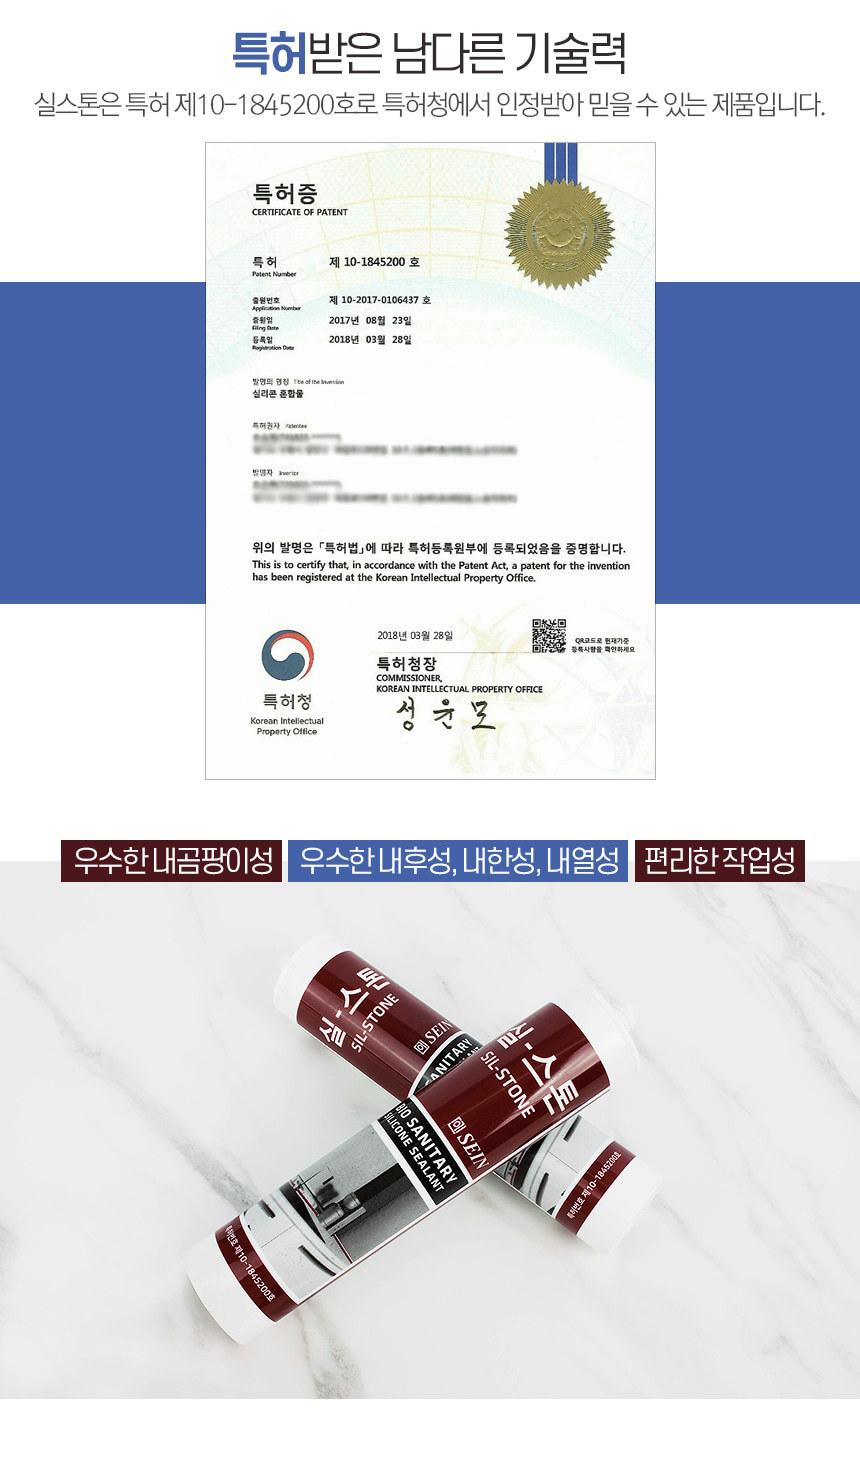 대리석 느낌 인테리어 실리콘  - 실스톤 - 티오닷컴, 8,500원, 히터, 전기매트